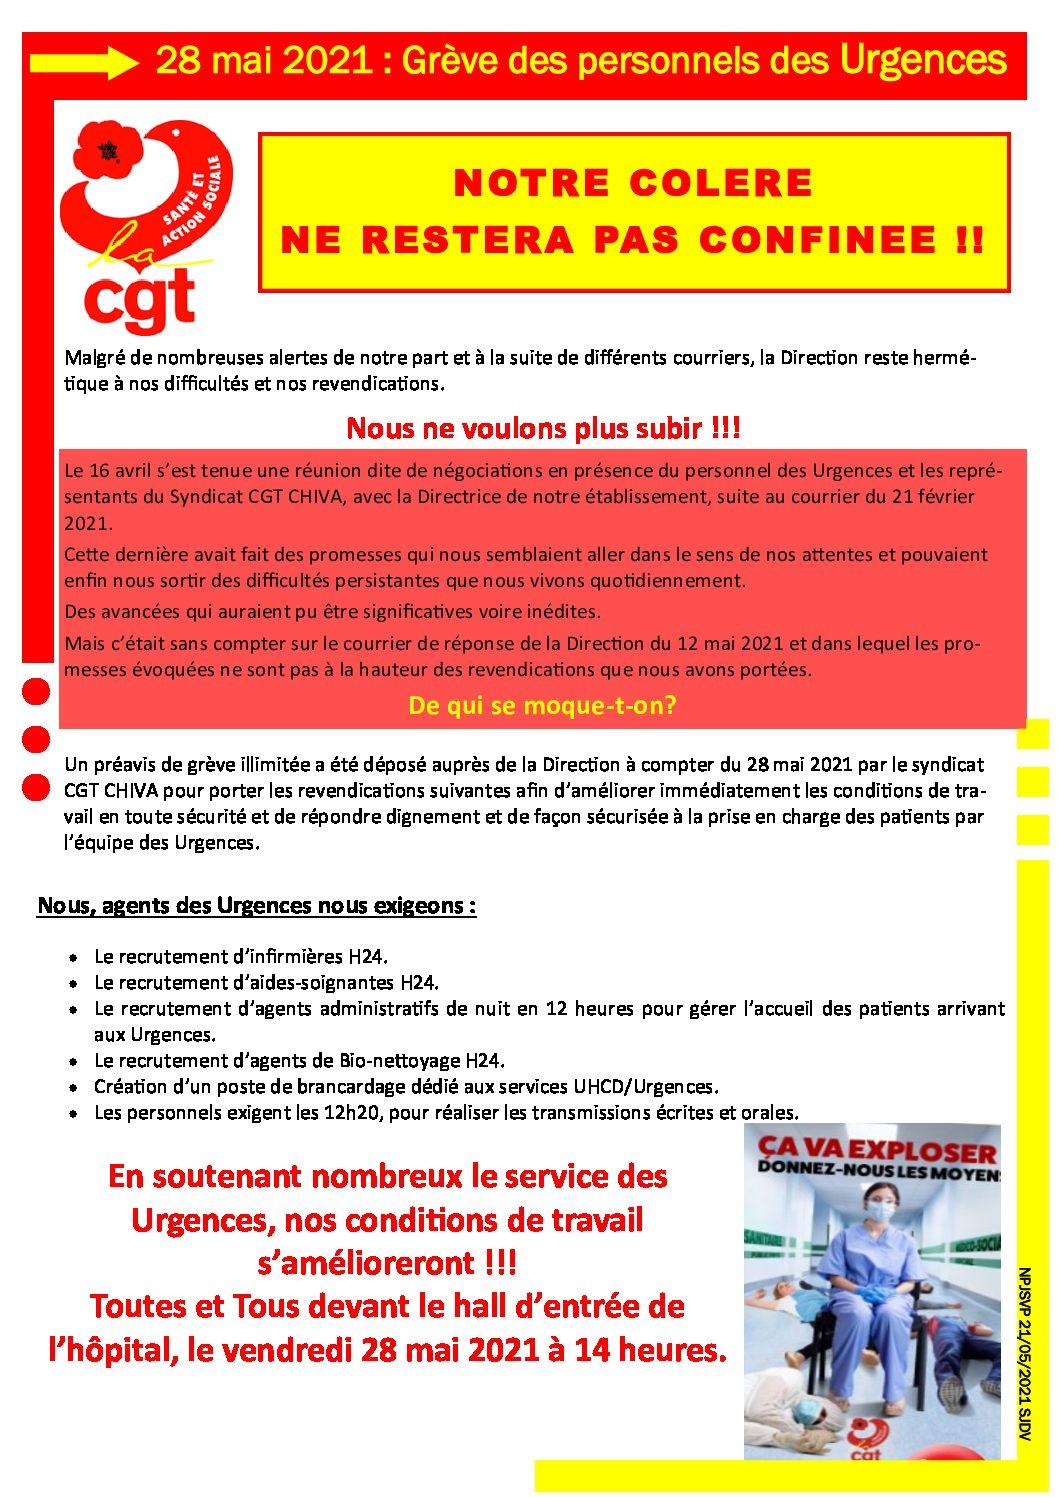 Grève au service des Urgences du CHIVA